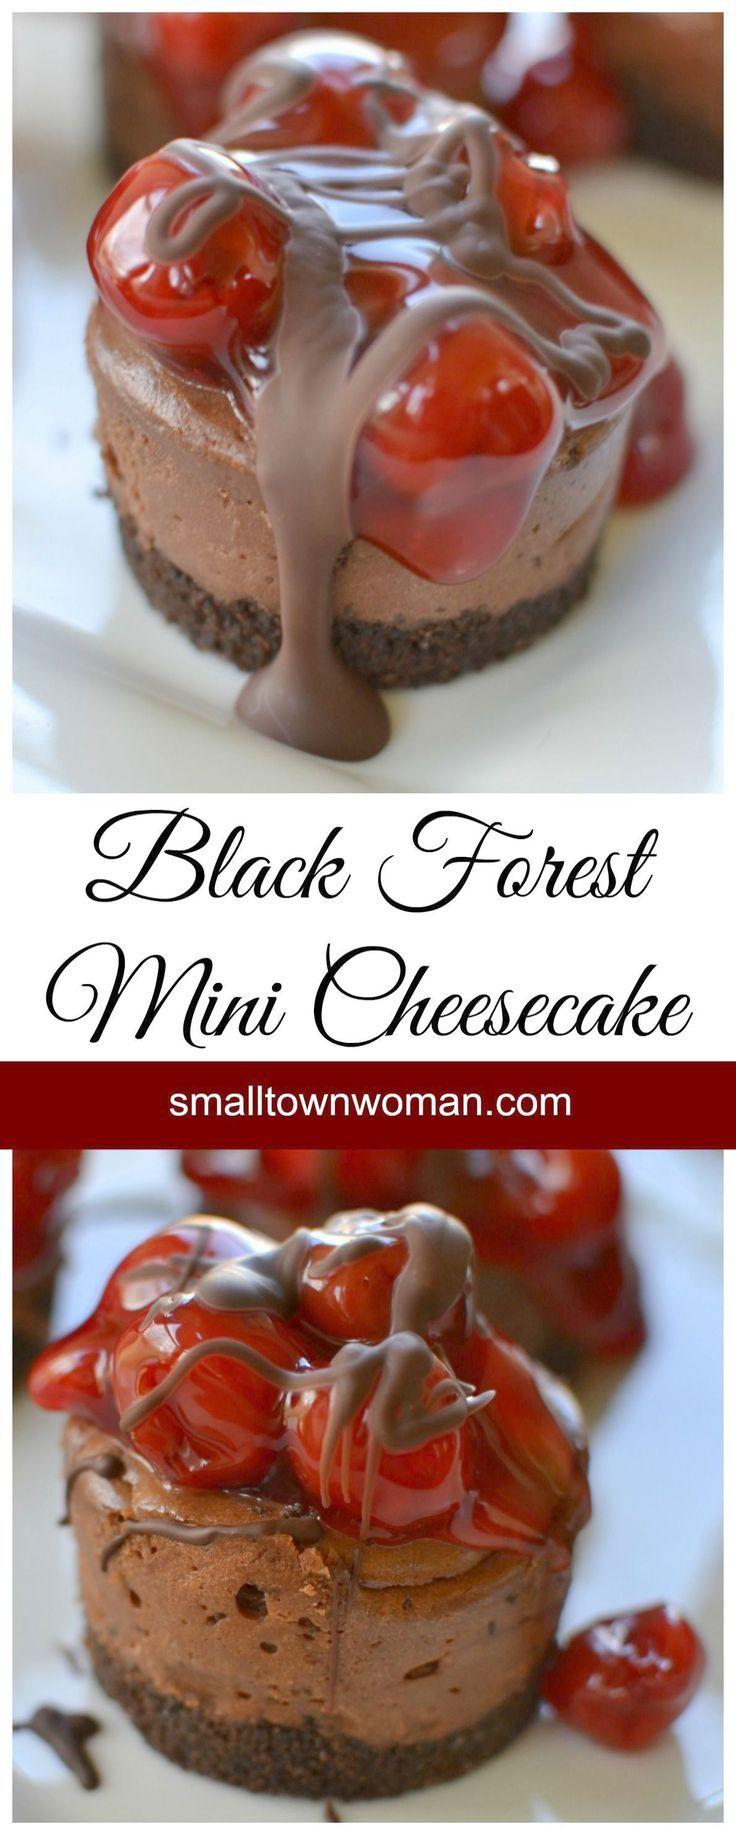 Desserts for diabetics in store even desserts near me